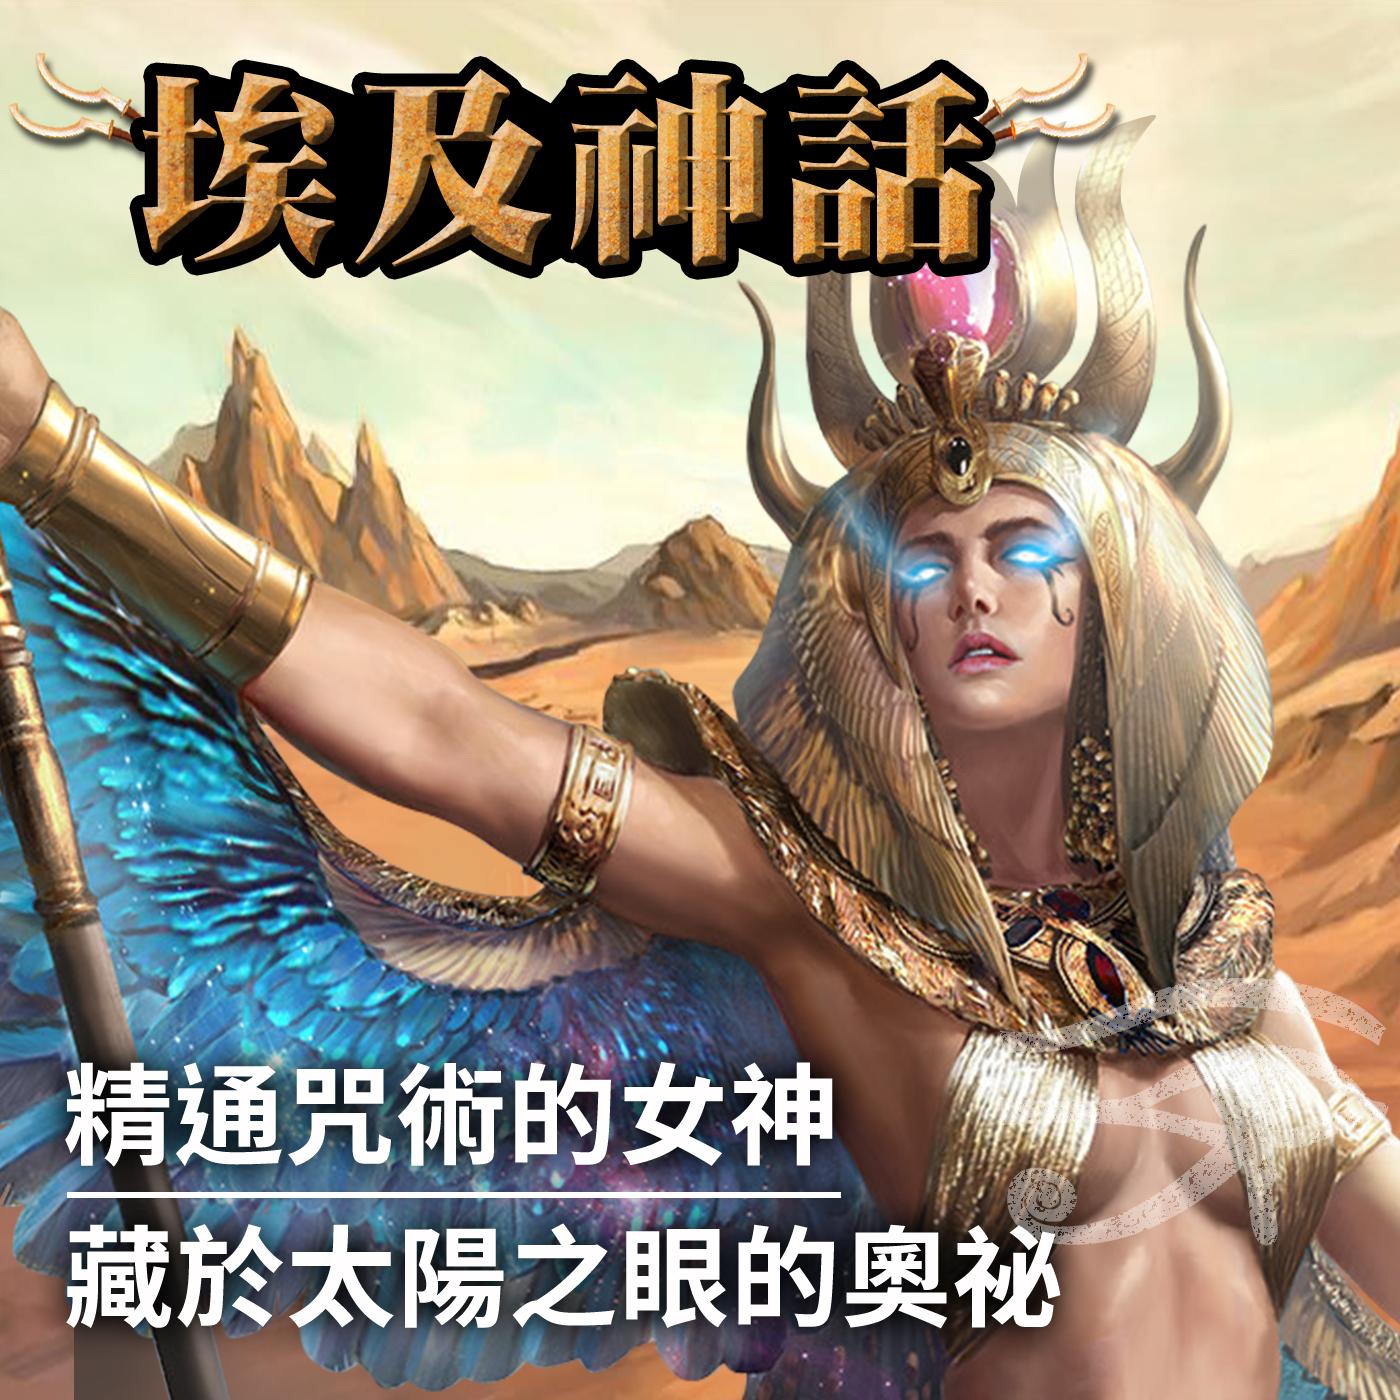 【埃及神話】精通魔法的女神,掌握殺死太陽的咒語 伊西斯(Isis)